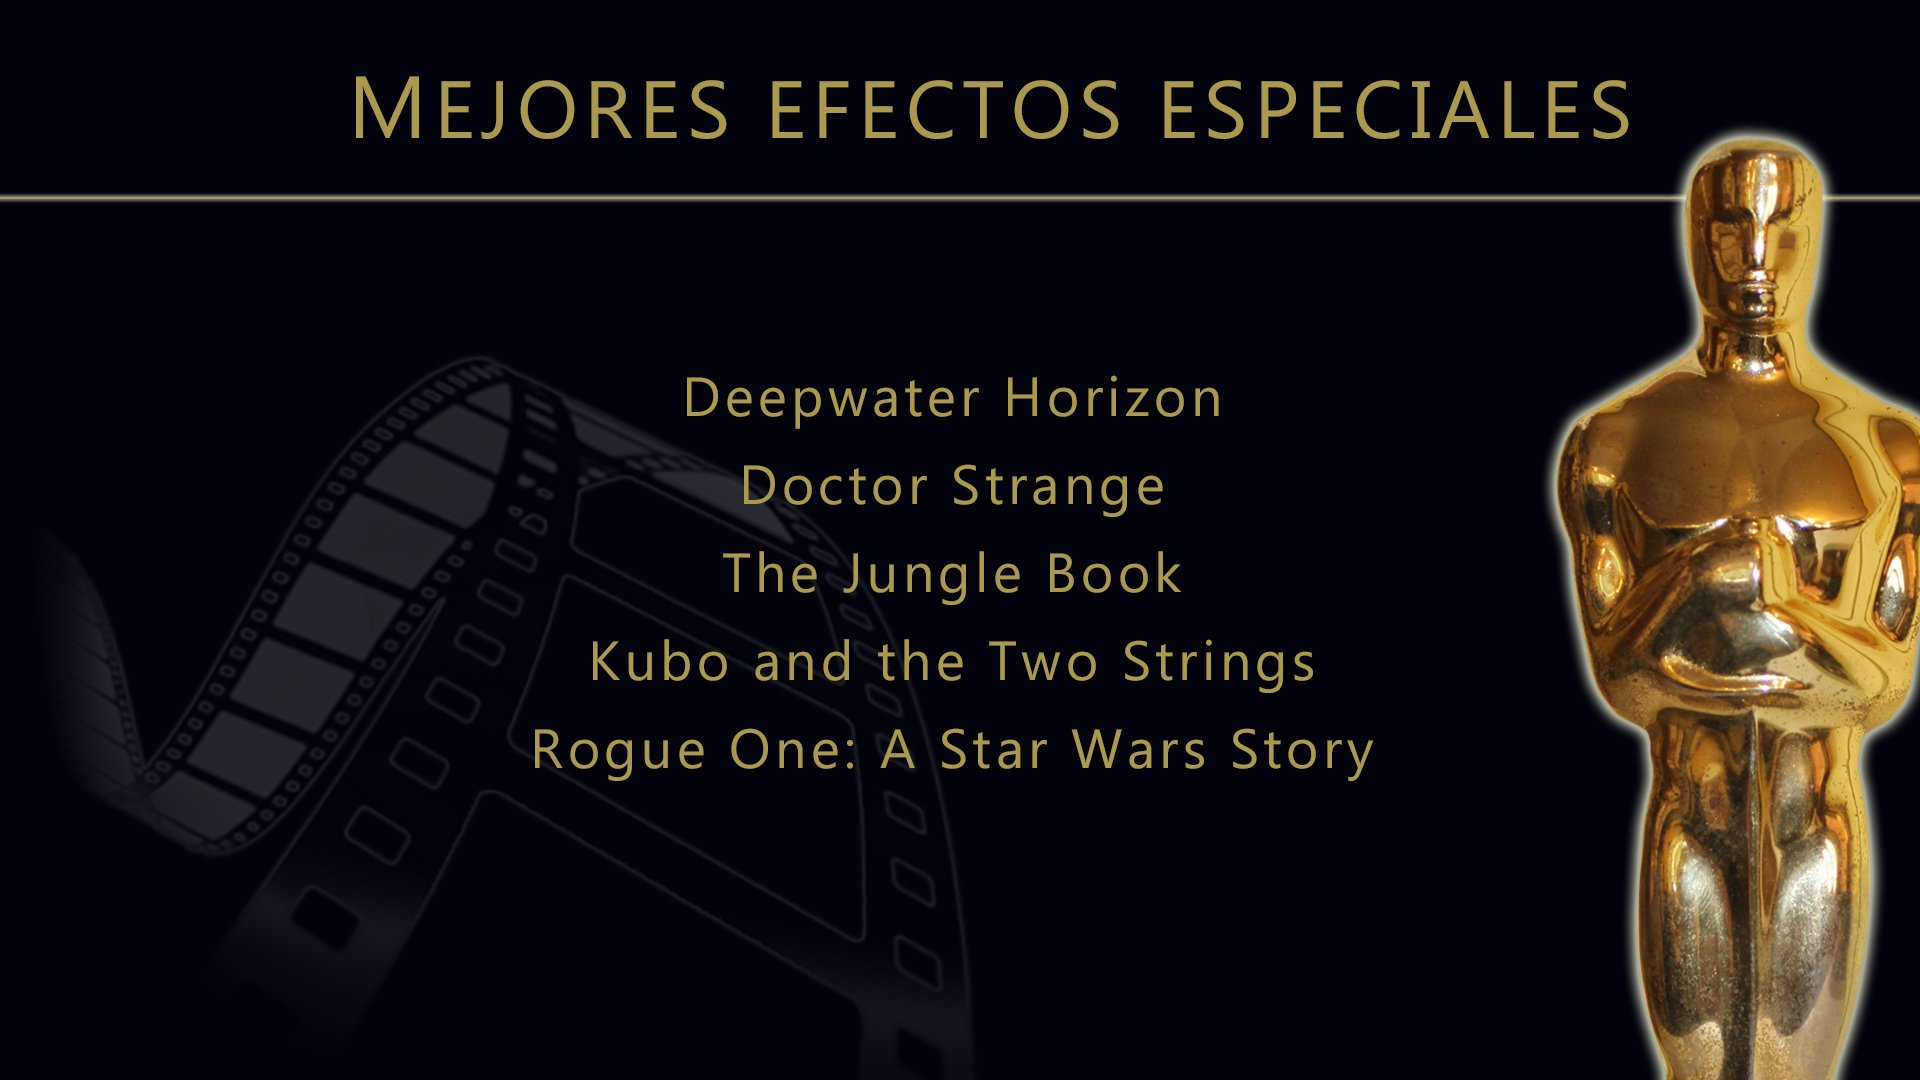 Resultado de imagen de nominaciones oscars mejores efectos especiales 2017